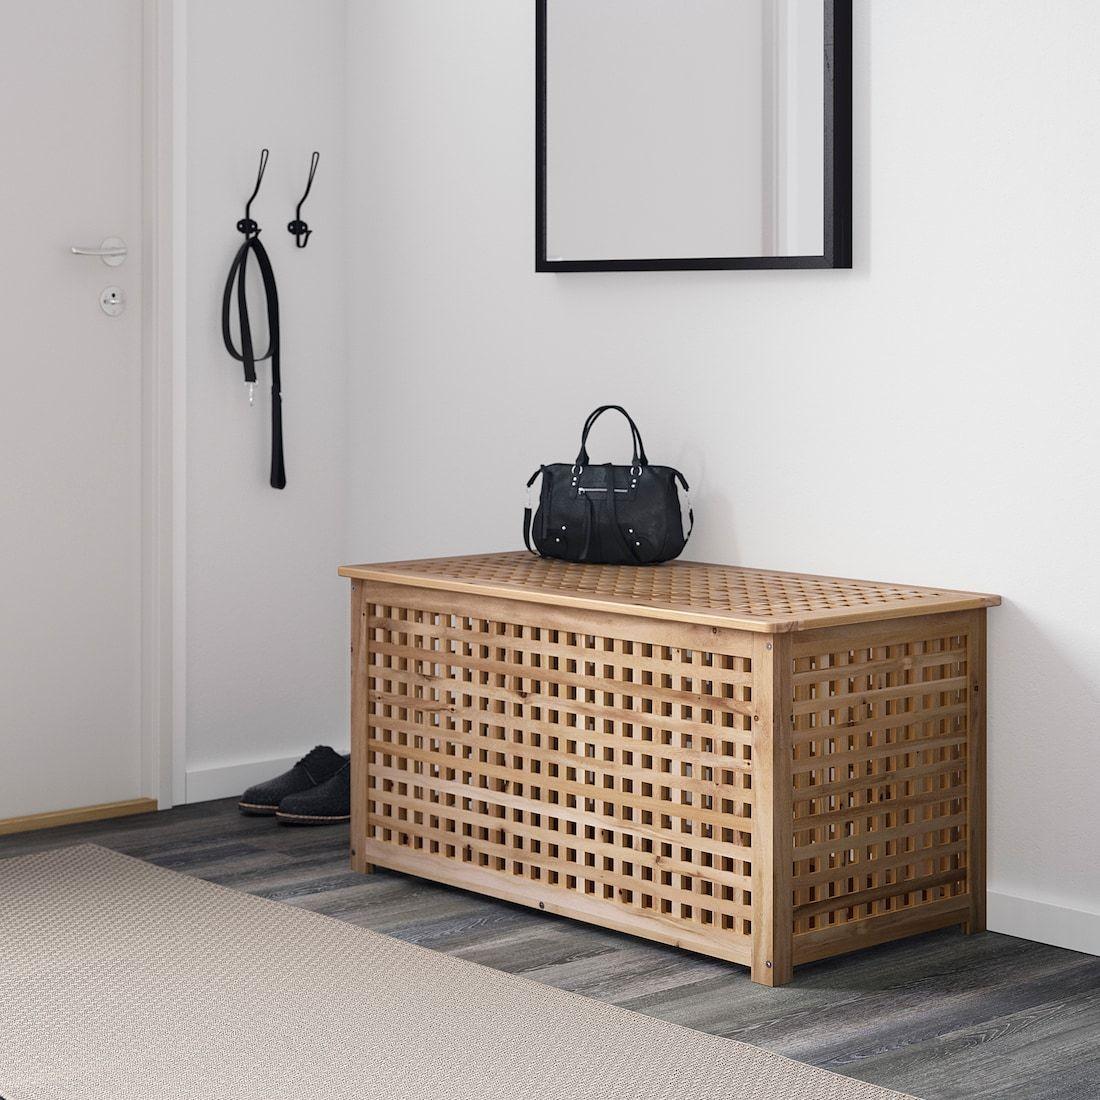 Hol Storage Table Acacia 98x50 Cm Ikea Table Storage Storage Bench With Baskets Ikea [ 1100 x 1100 Pixel ]